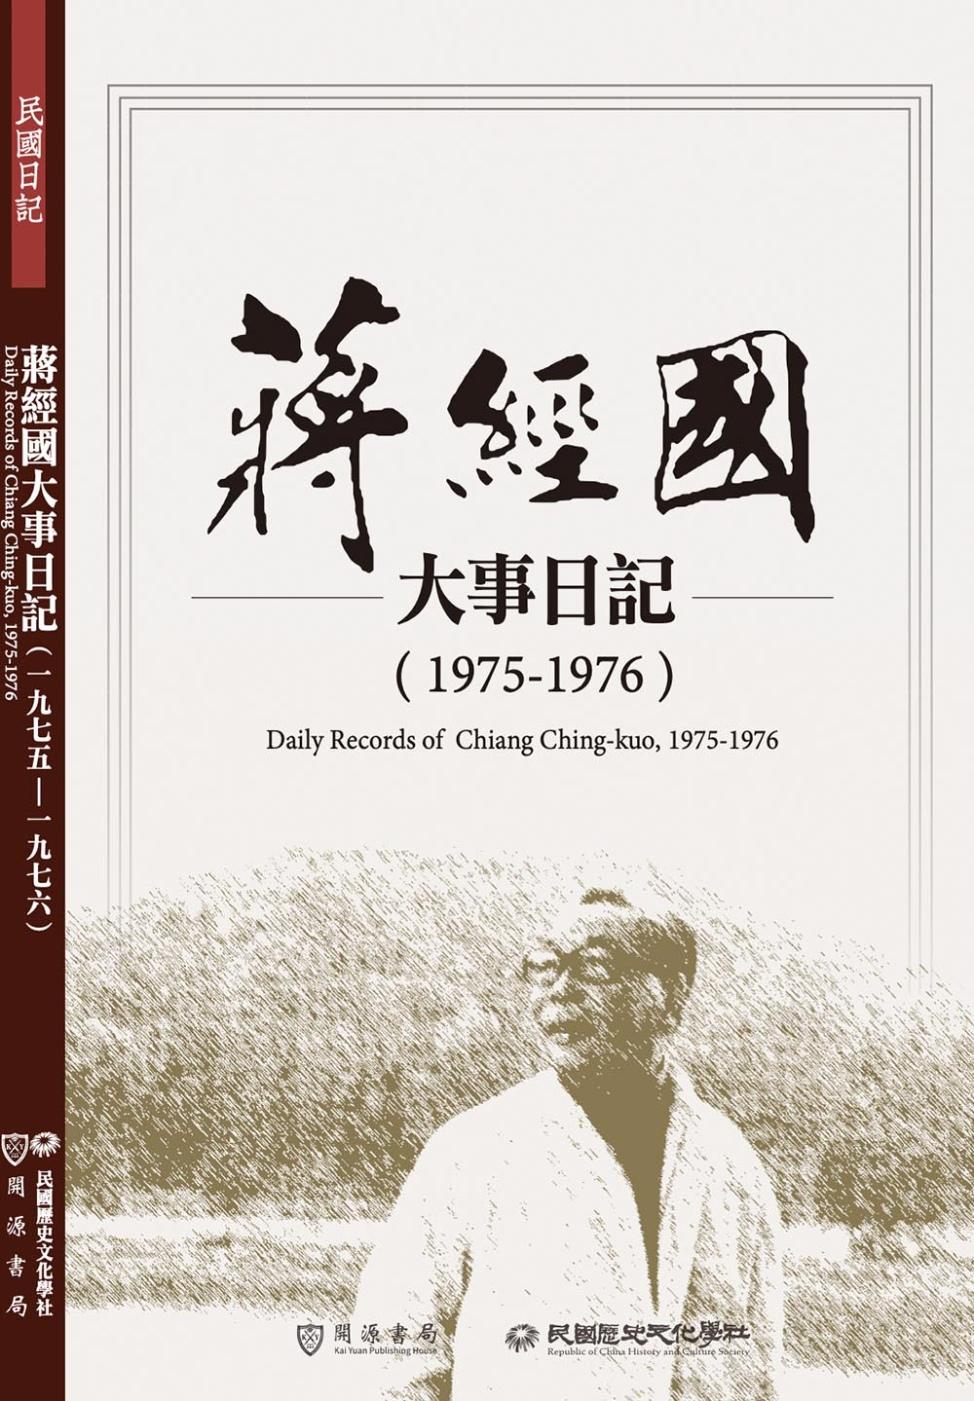 蔣經國大事日記(1975-1976)